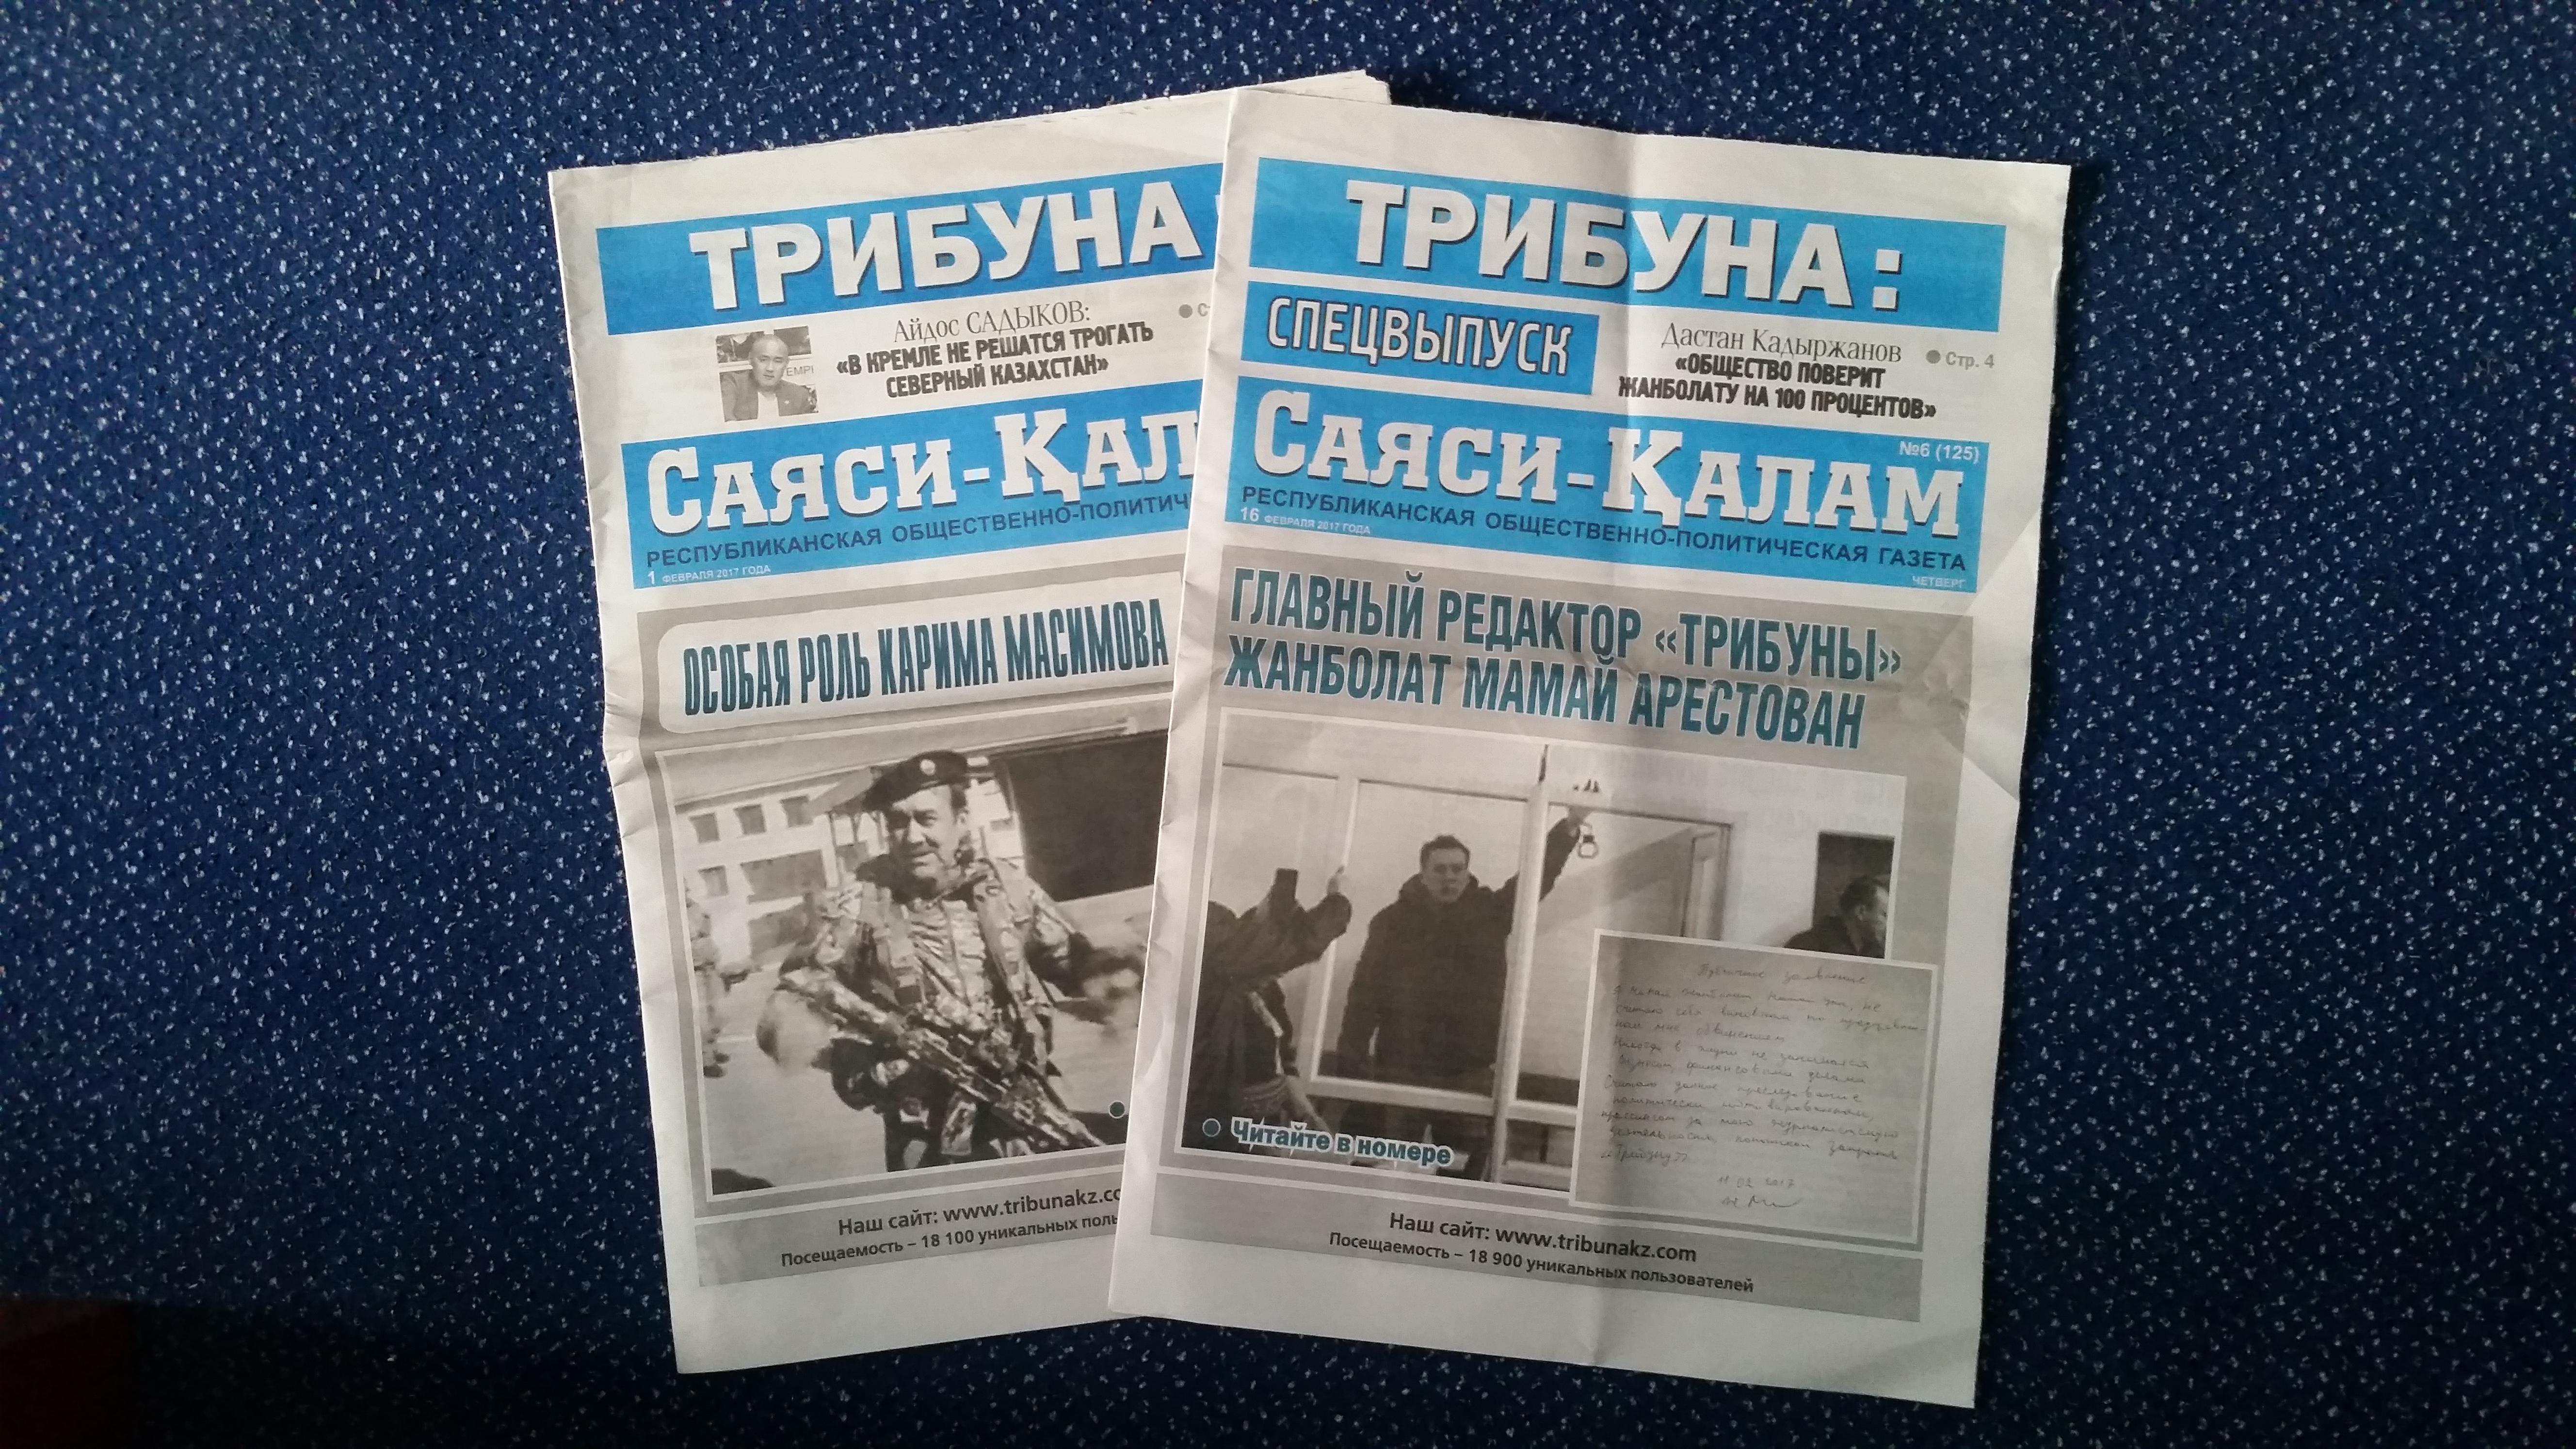 Die kasachische Zeitung Tribuna/Sayassi Kalam wurde eingestellt